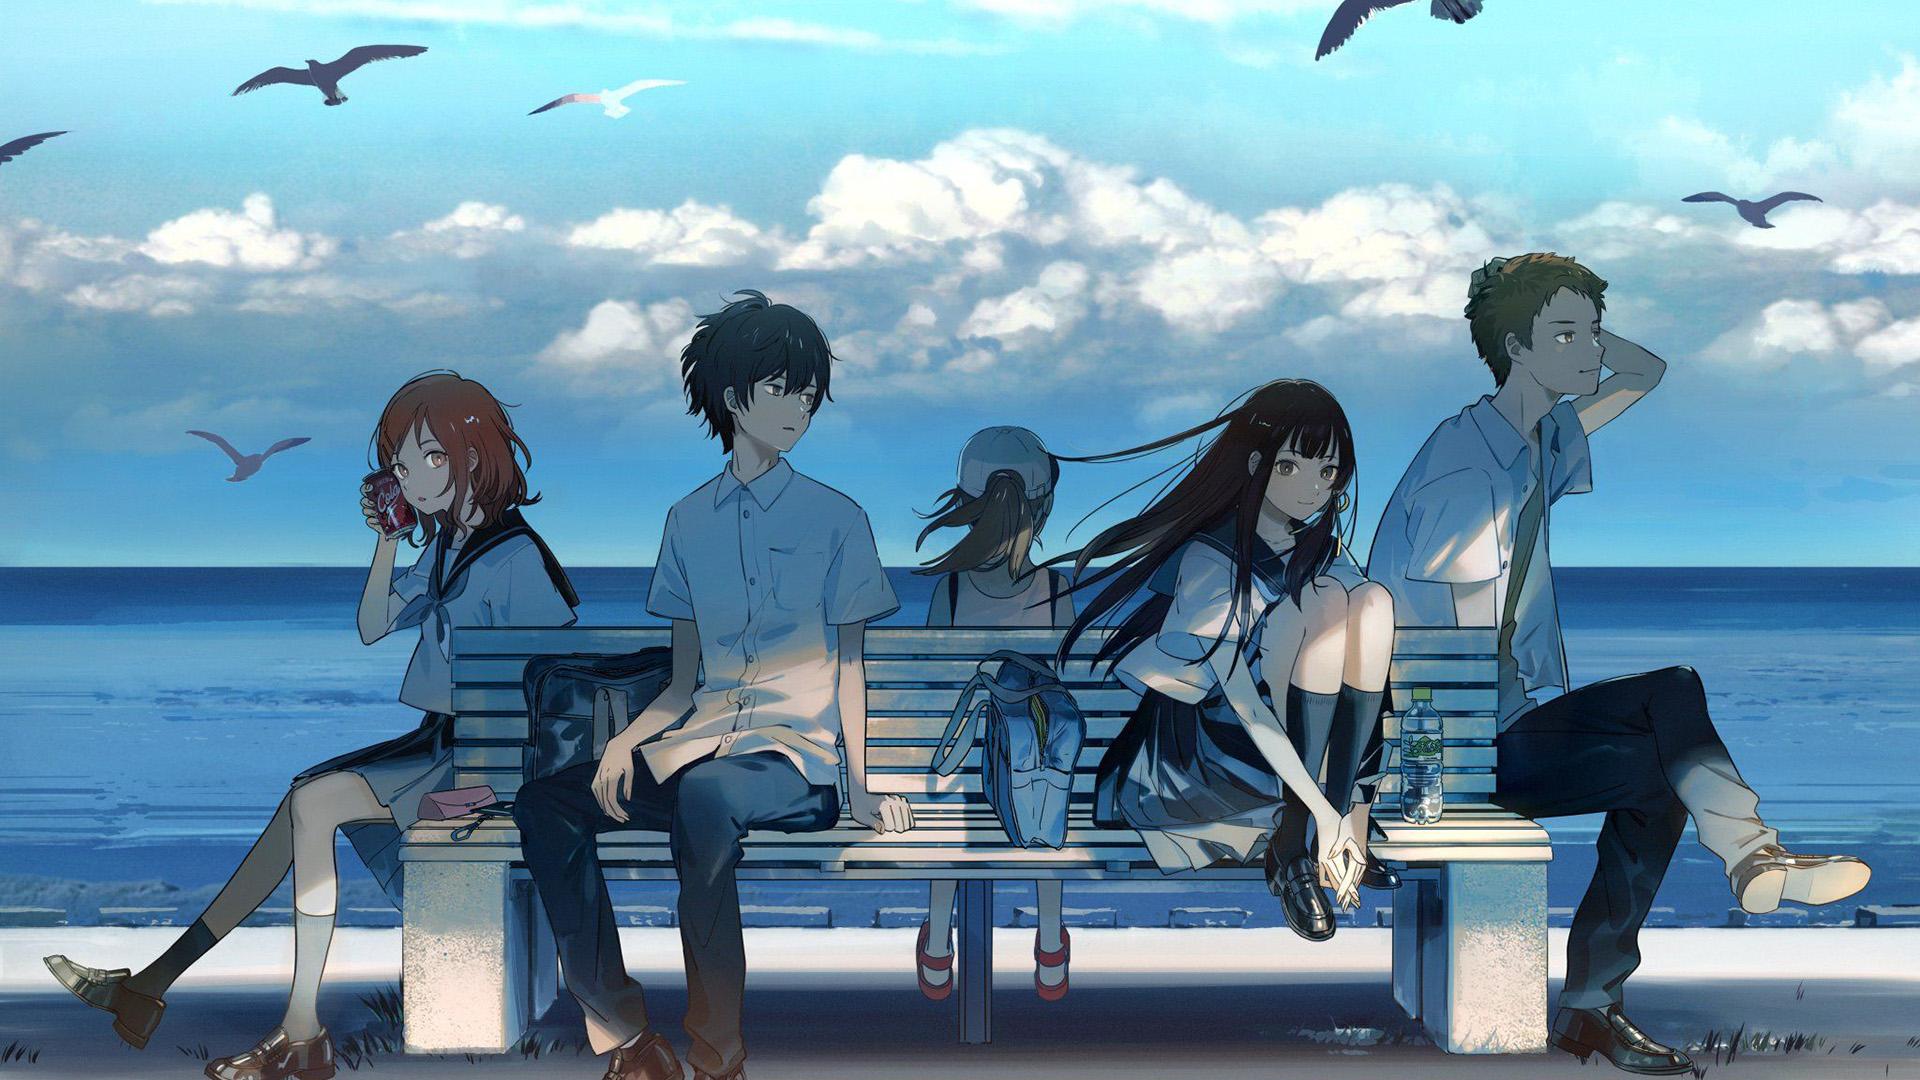 有多少人以友谊的名义,爱着一个人,认为拥有,就是失去的开始。-觅爱图